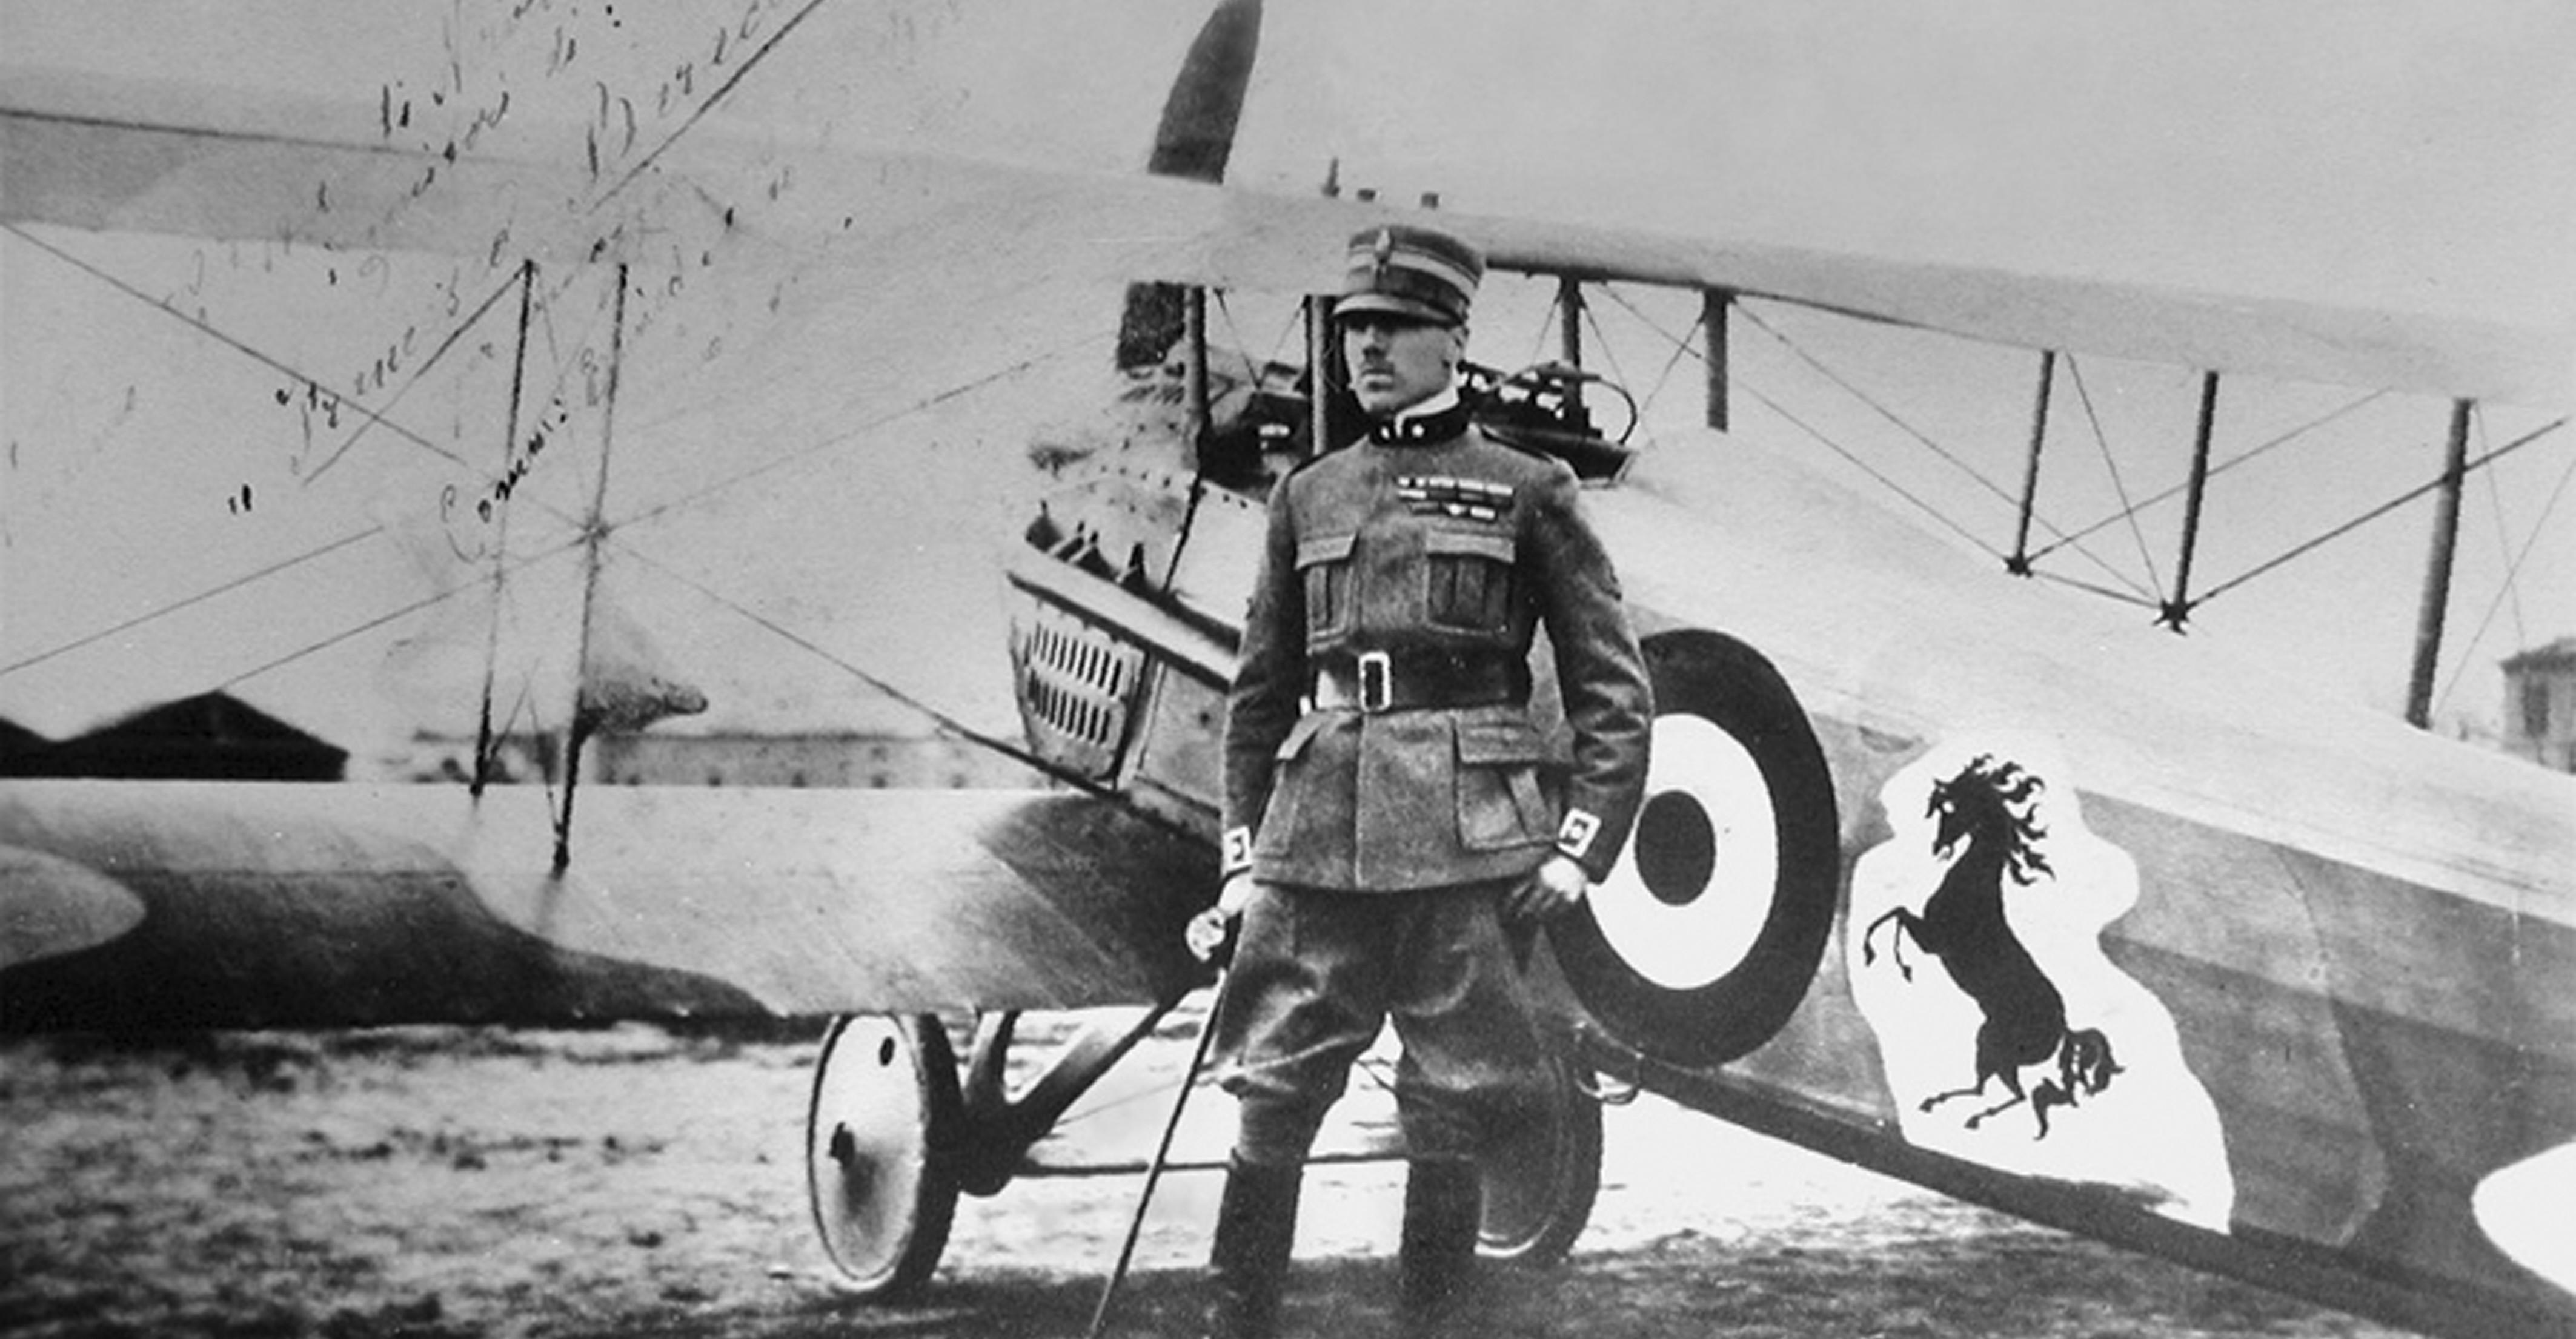 Francesco Baracca accanto al suo aereo con la mitica insegna del cavallino rampante - Foto Archivio Ufficio Storico dell'Aeronautica Militare